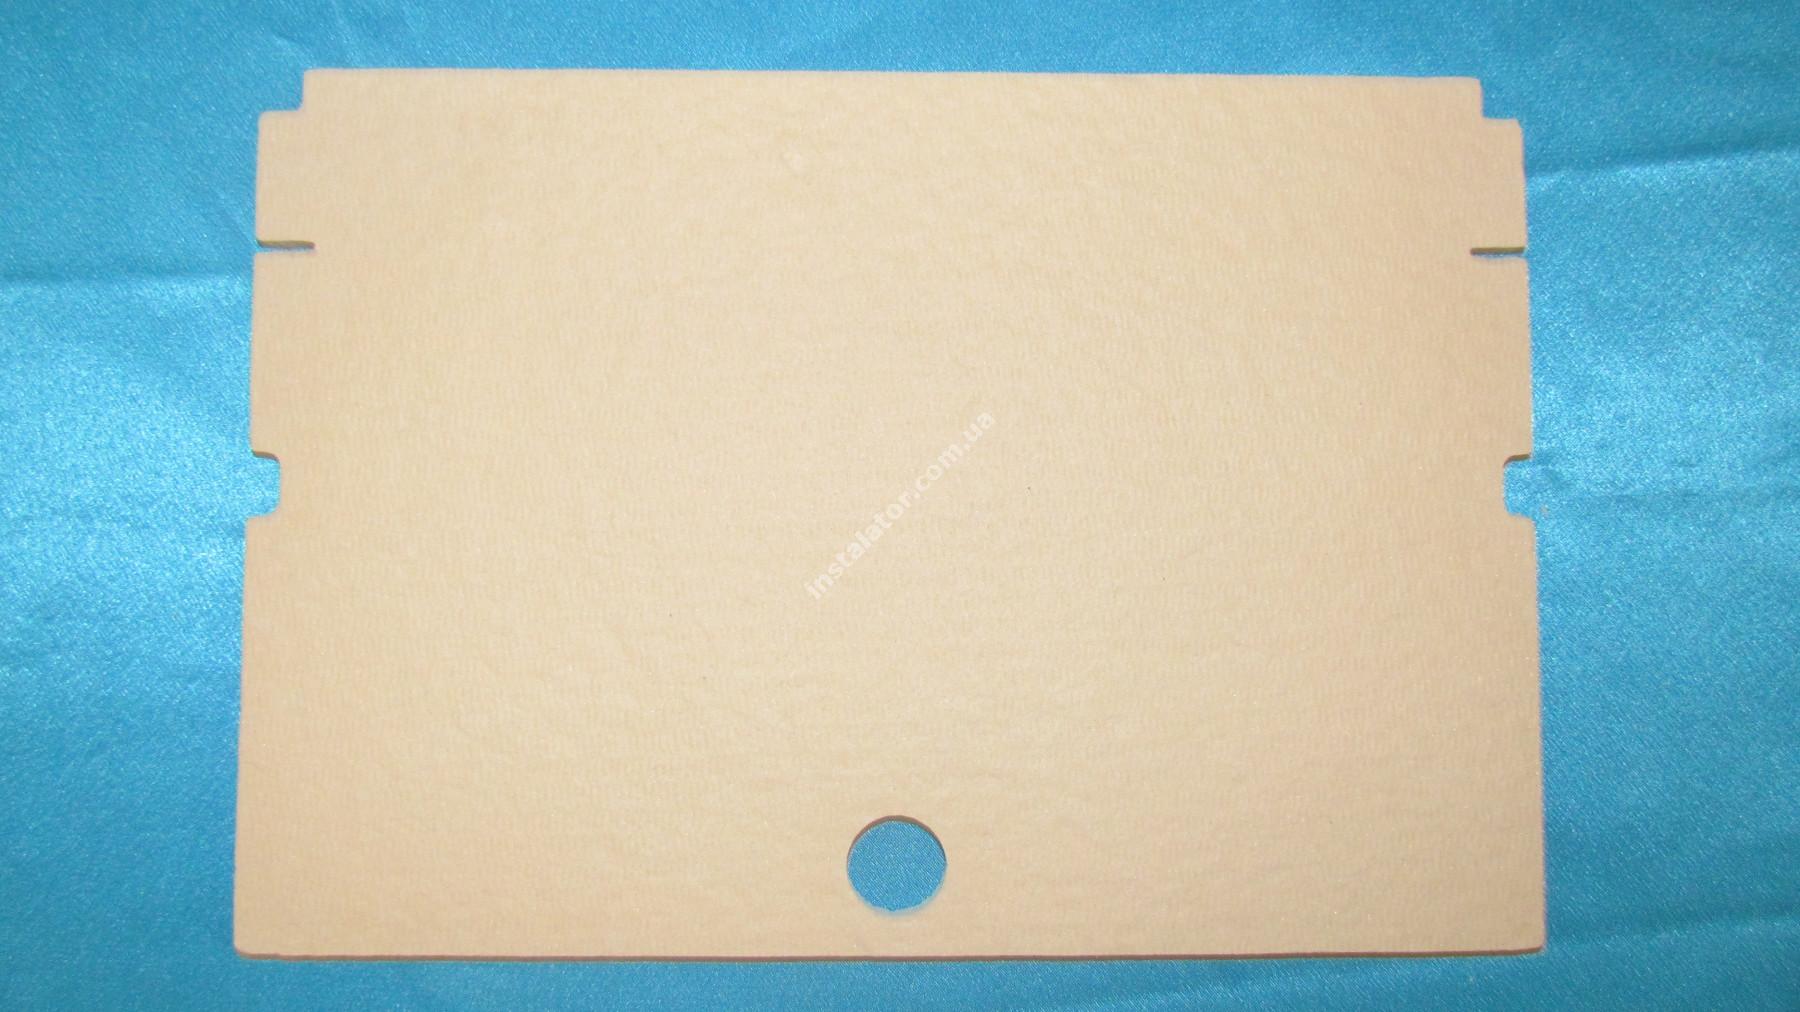 995995 Ізоляція камери згорання передня панель ARISTON  full-image-1